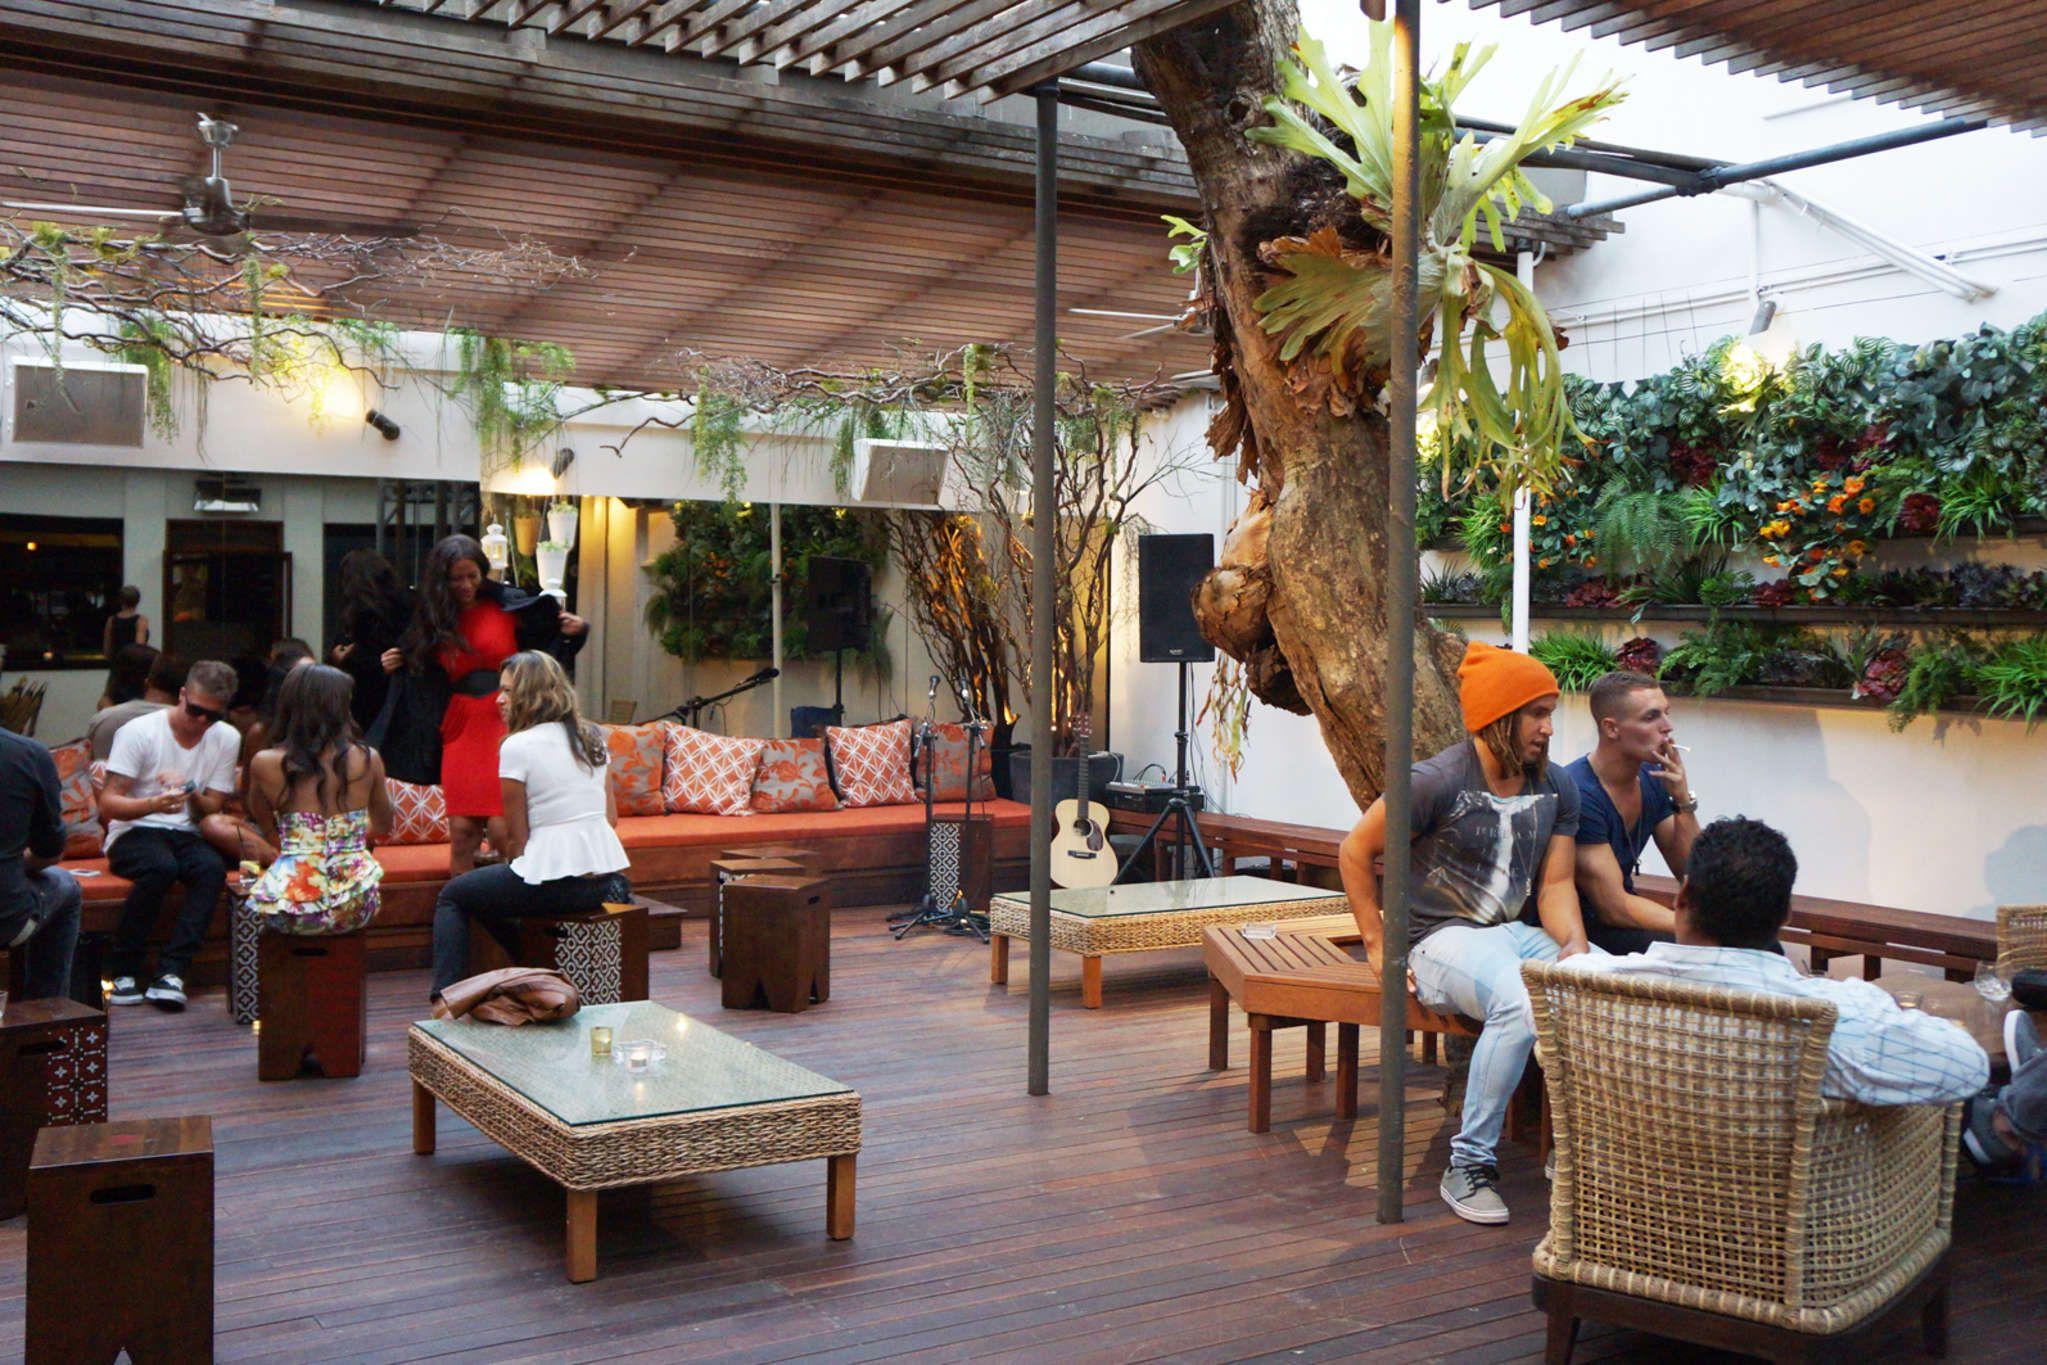 sydney crane bar restaurant japanese restaurant in kings cross